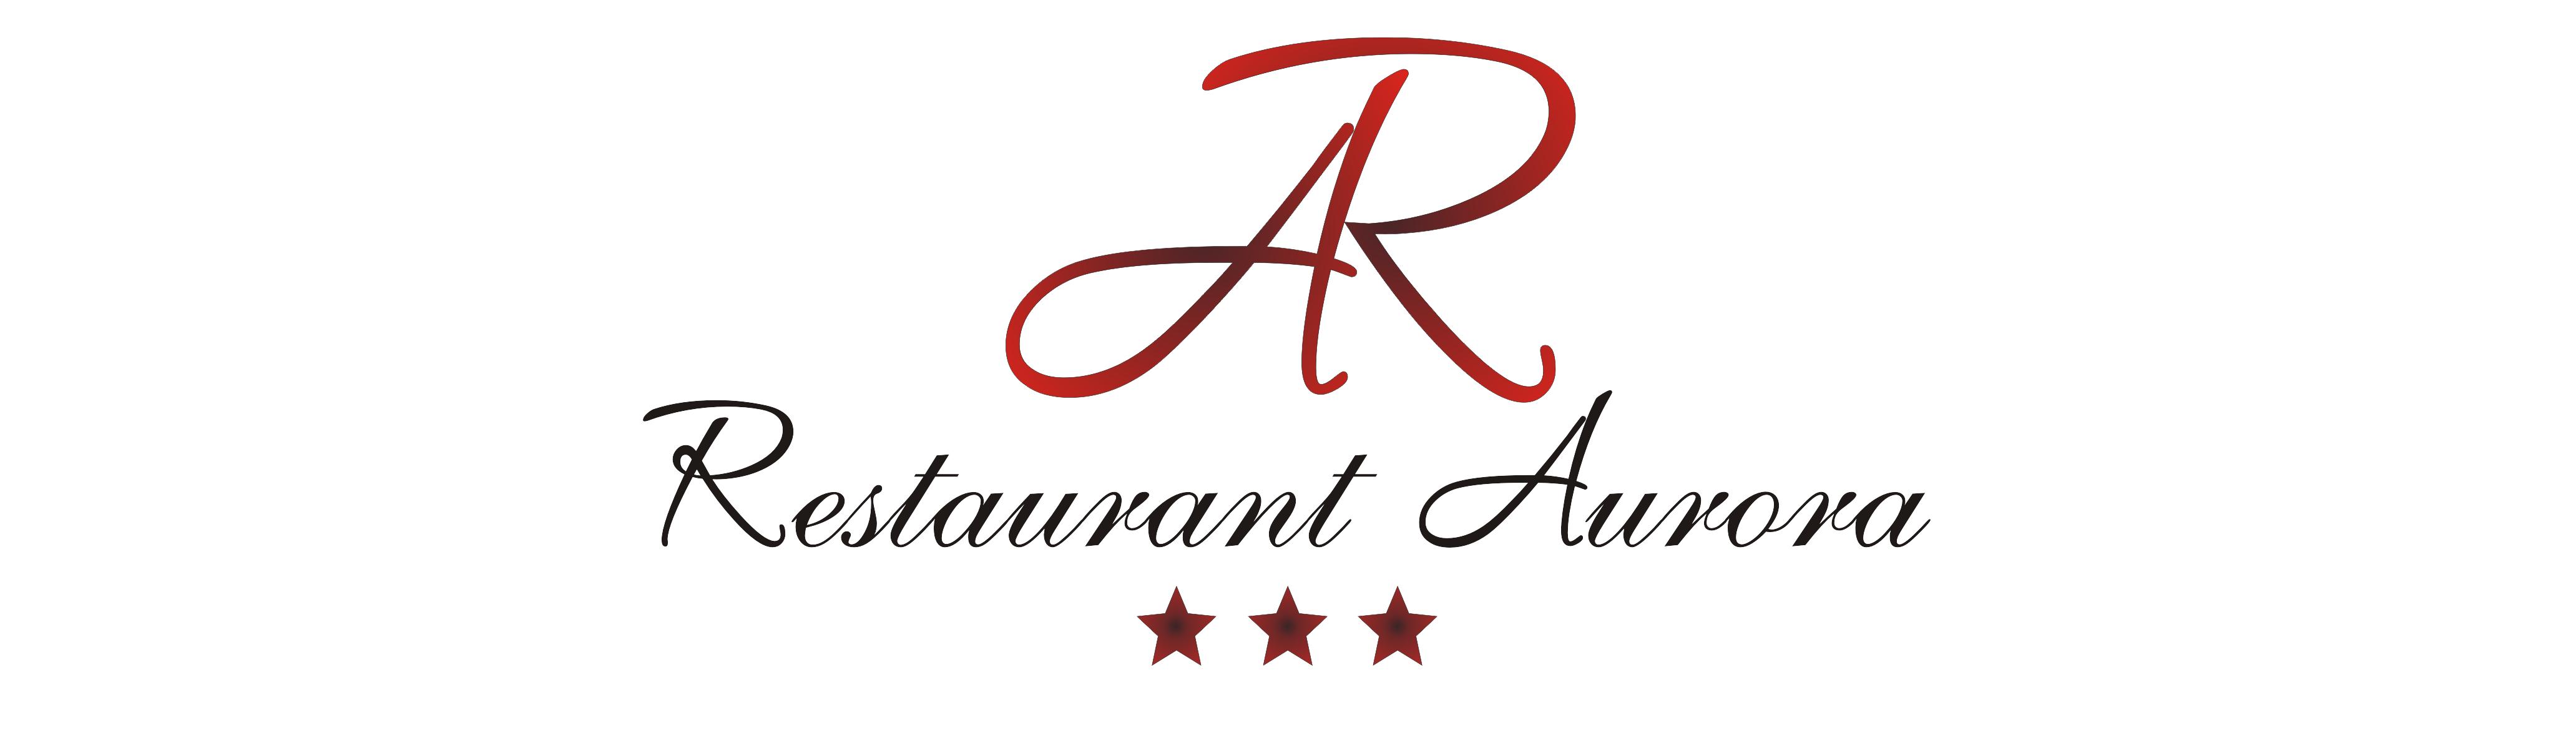 Restaurant Aurora